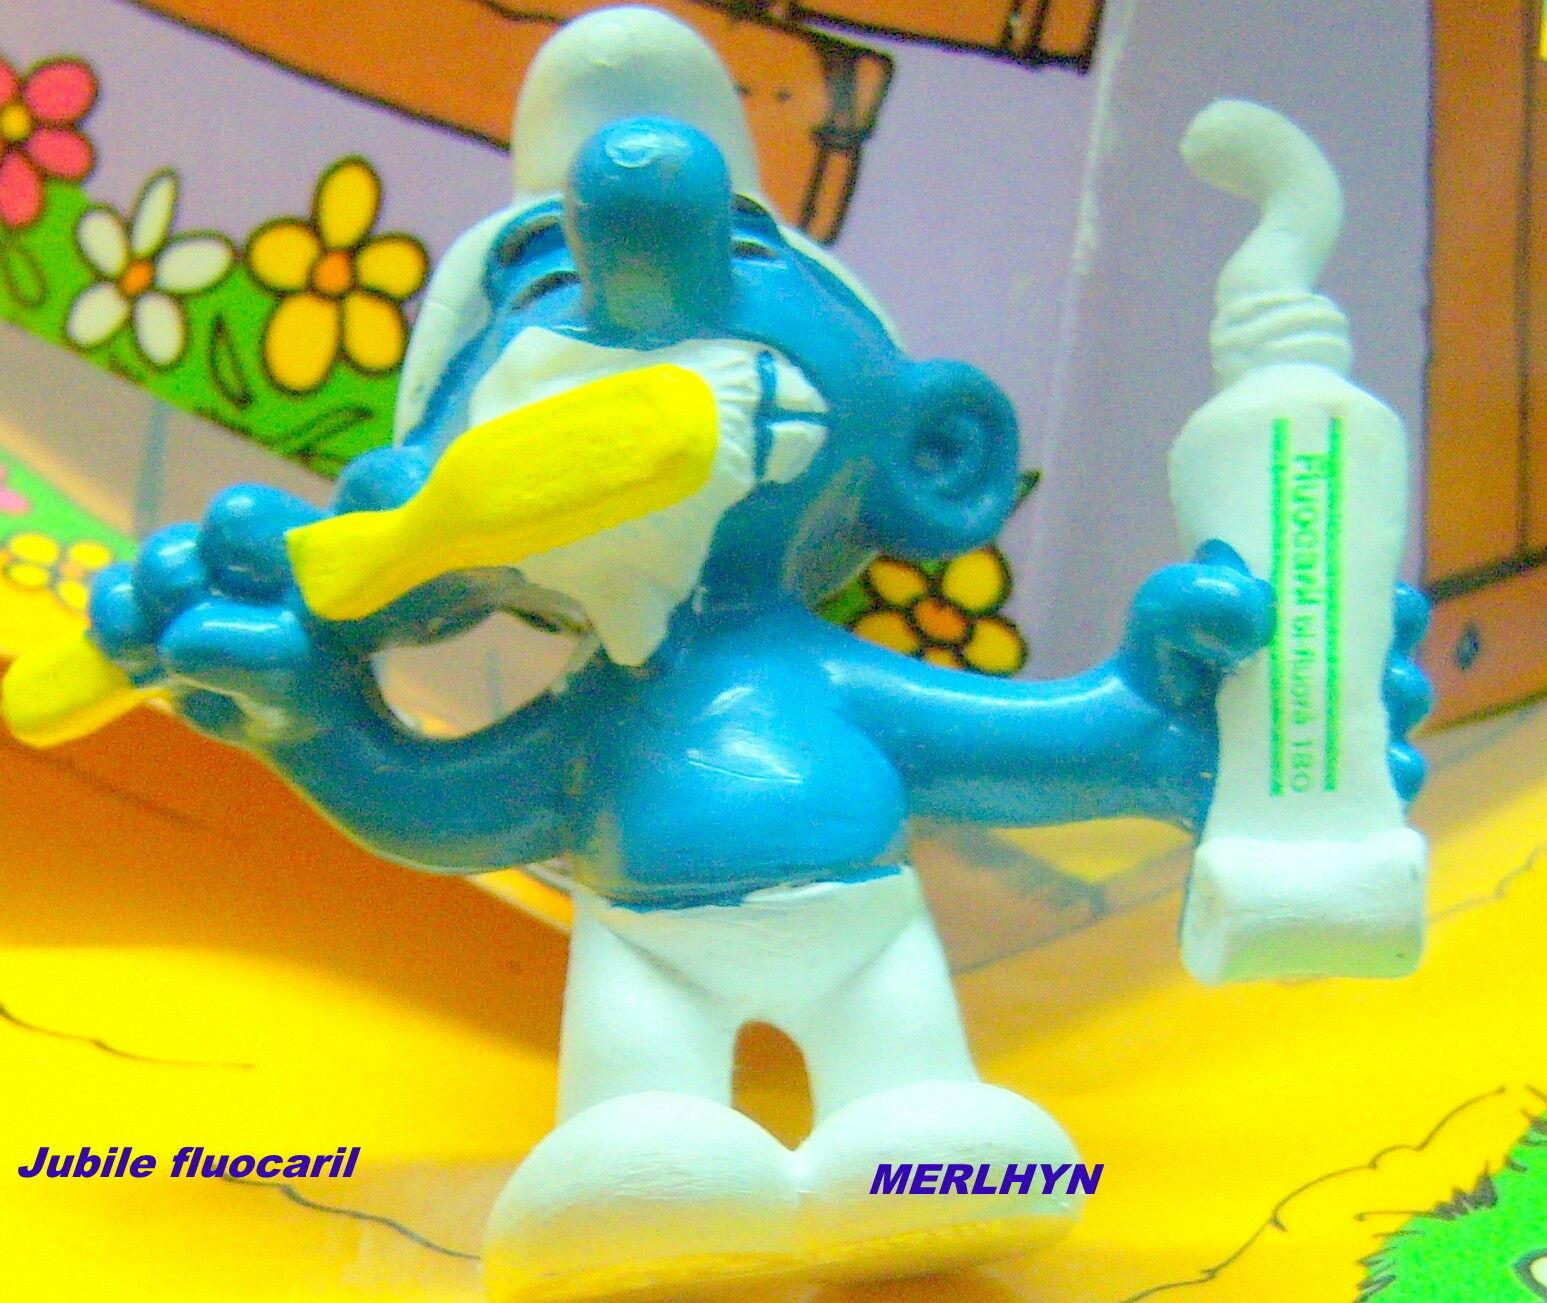 Schtroumpf tube dentifrice publicitaire fluocaril Smurf pitufo puffo puffi  rar.